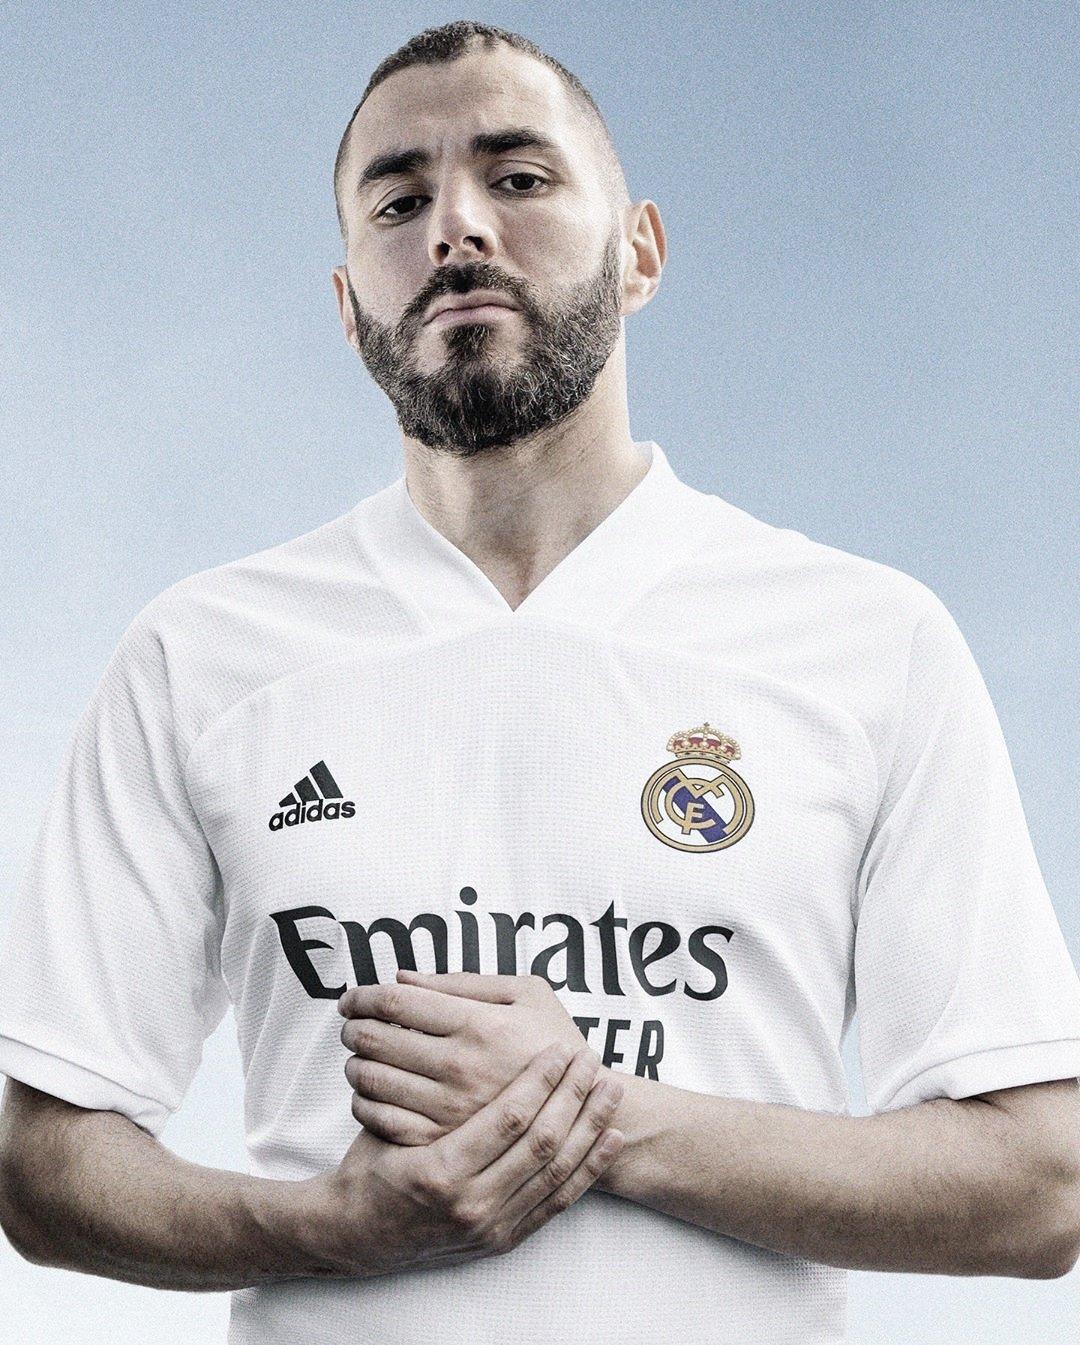 El Real Madrid presenta sus equipaciones para la temporada 20/21